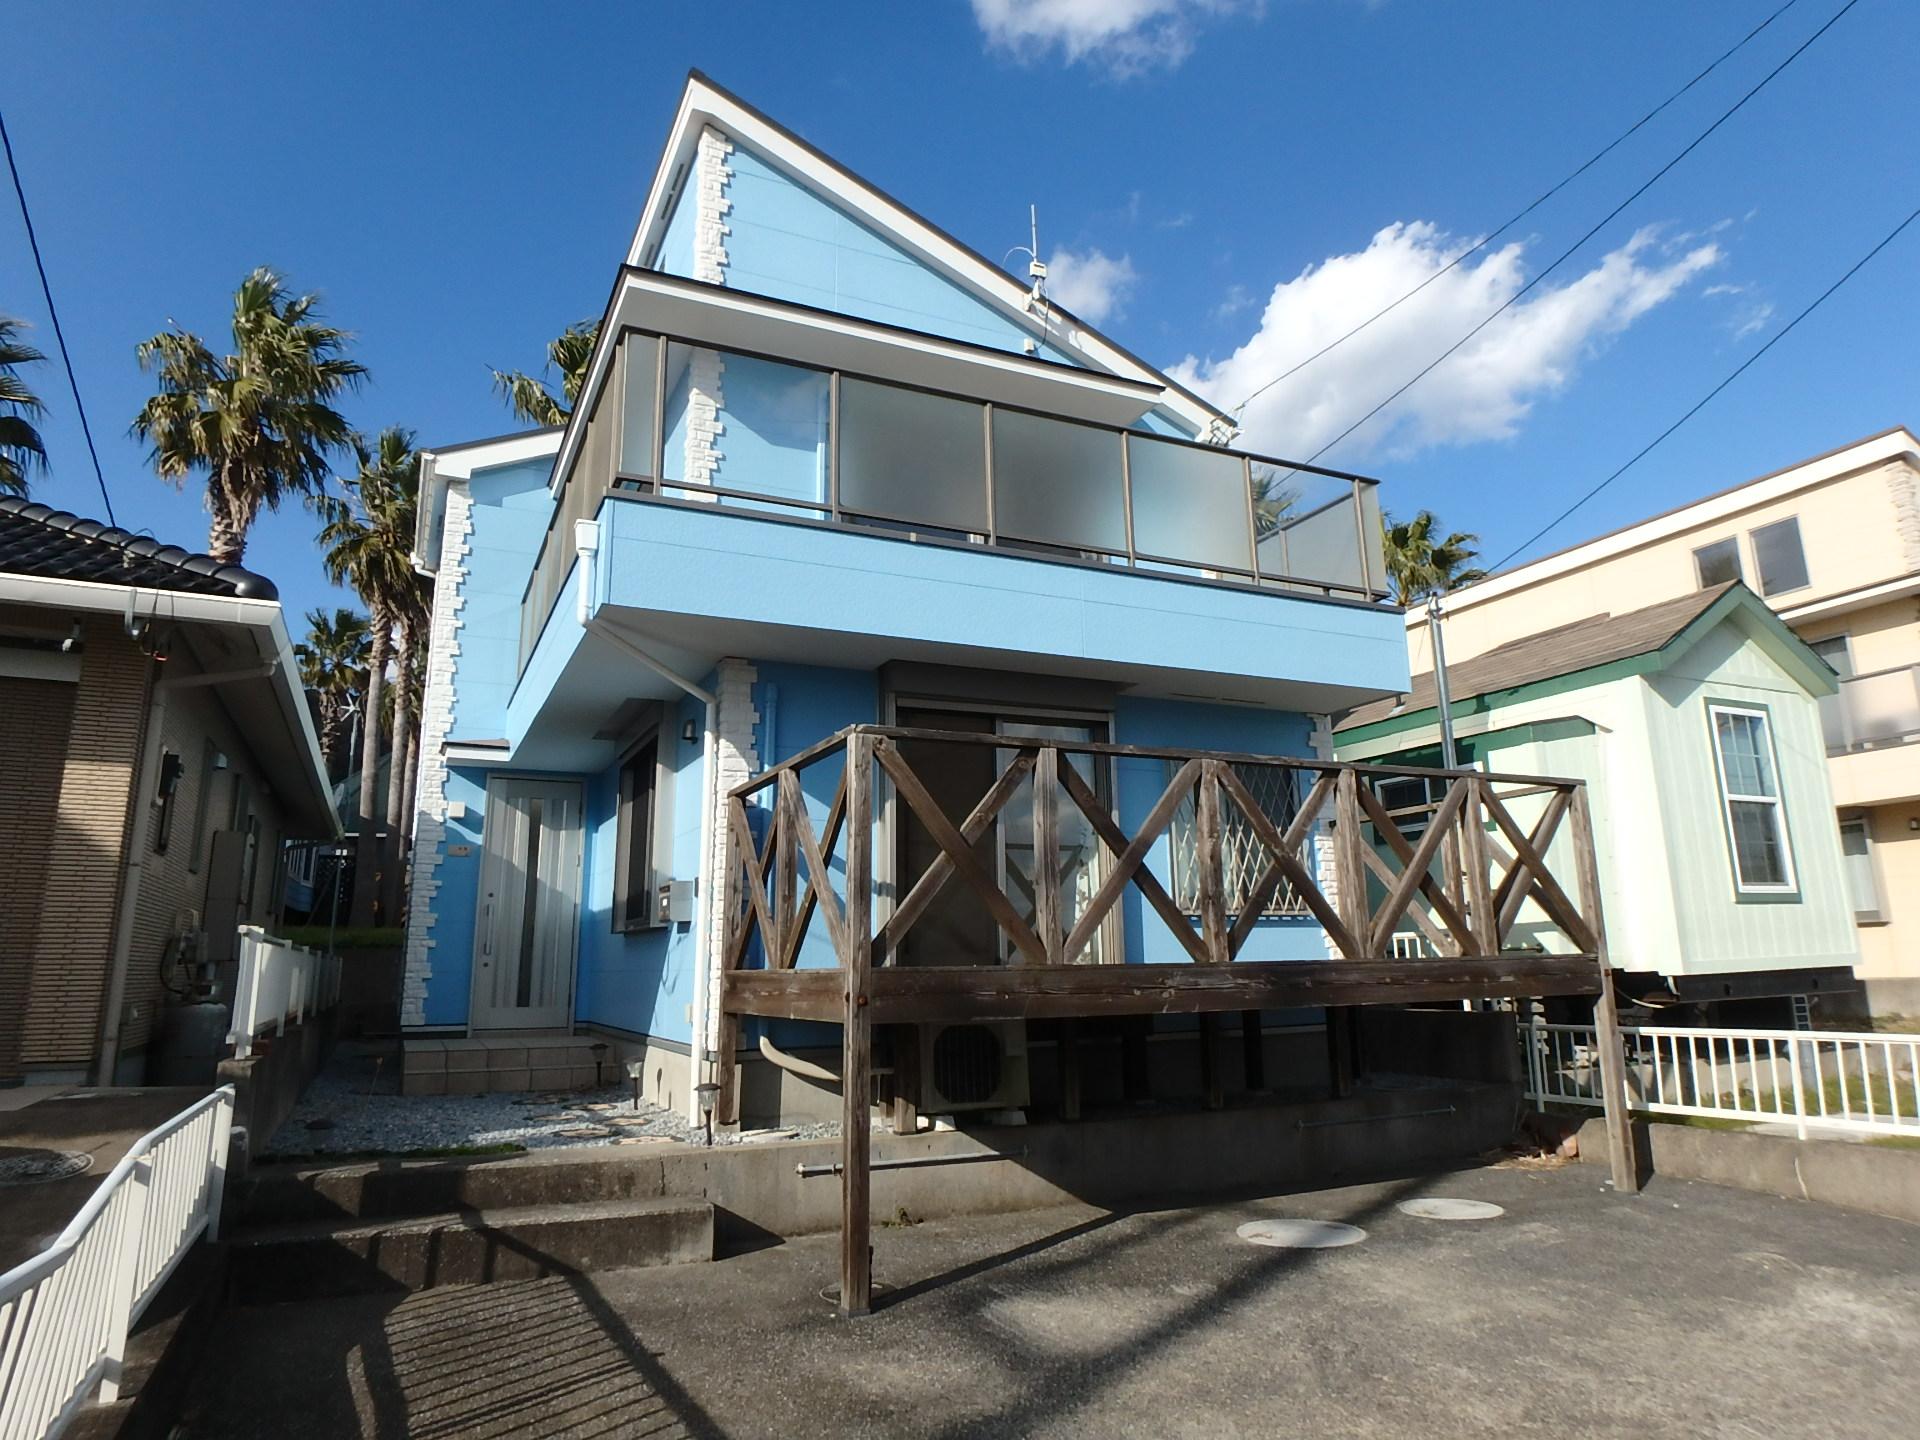 千葉県鴨川市の不動産、海一望別荘、海の近くの環境、ご商談中